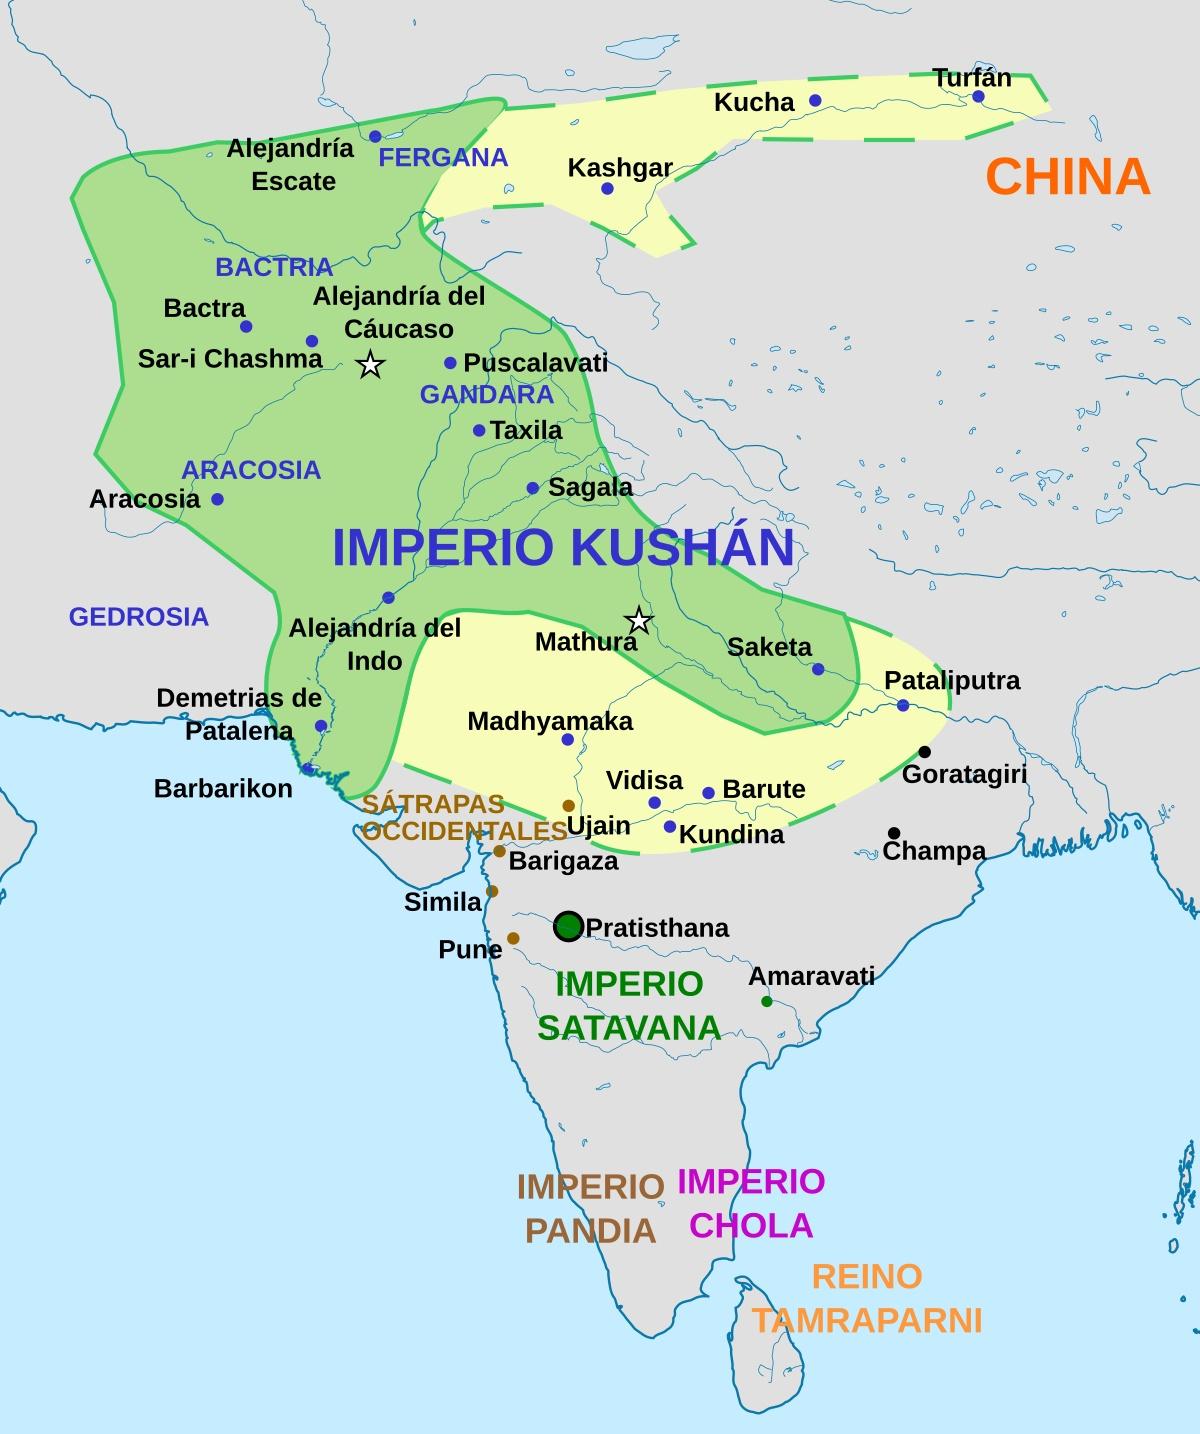 imperio kushan - India Antigua